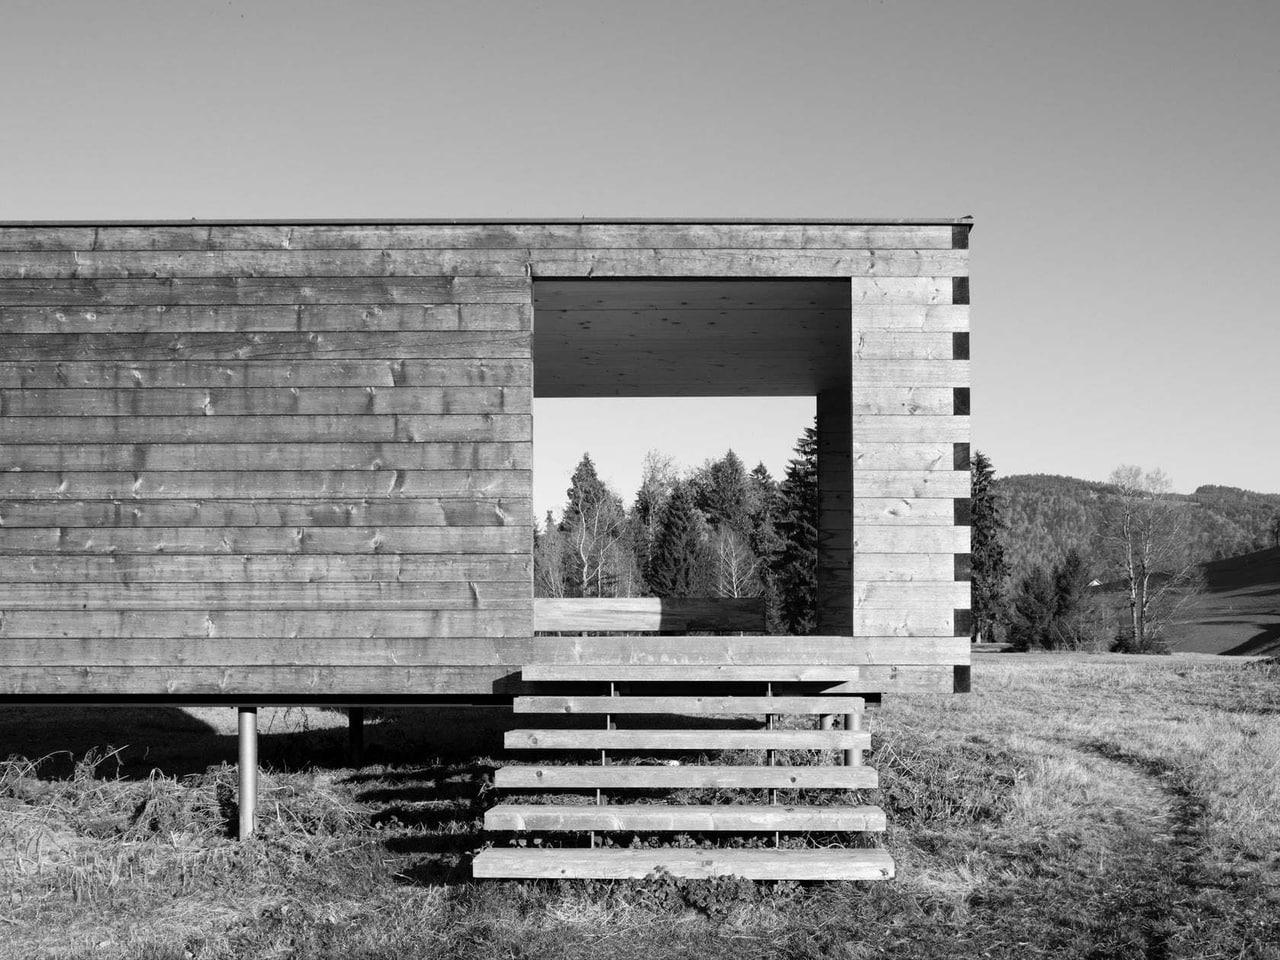 Moorraum in Krumbach, Austria by Bernardo Bader Architekten